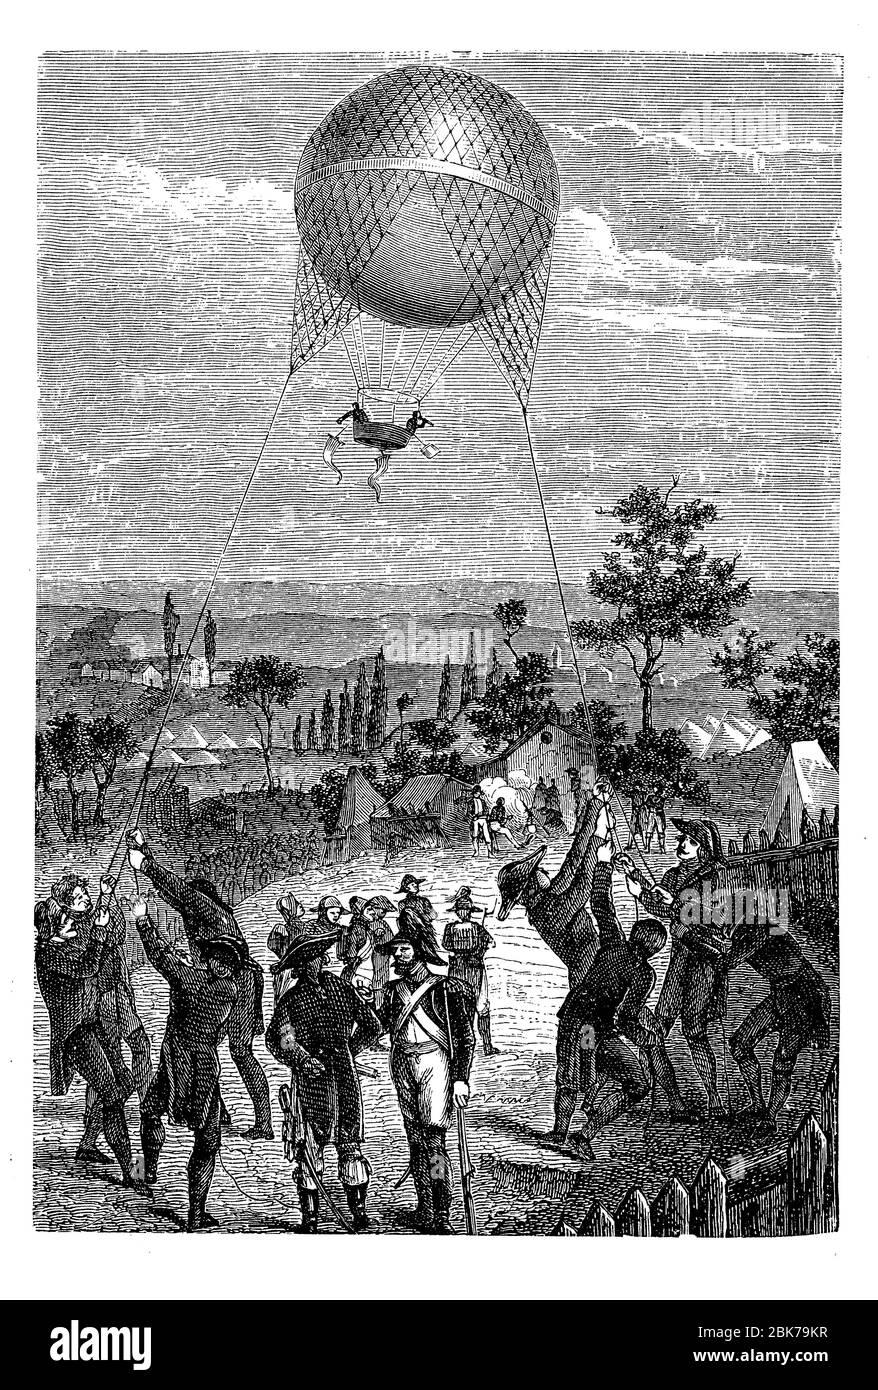 Reconnaissance aérienne: Service de montgolfière d'observation de Godard utilisé par l'armée française dans la guerre franco-autrichienne de 1859 Banque D'Images